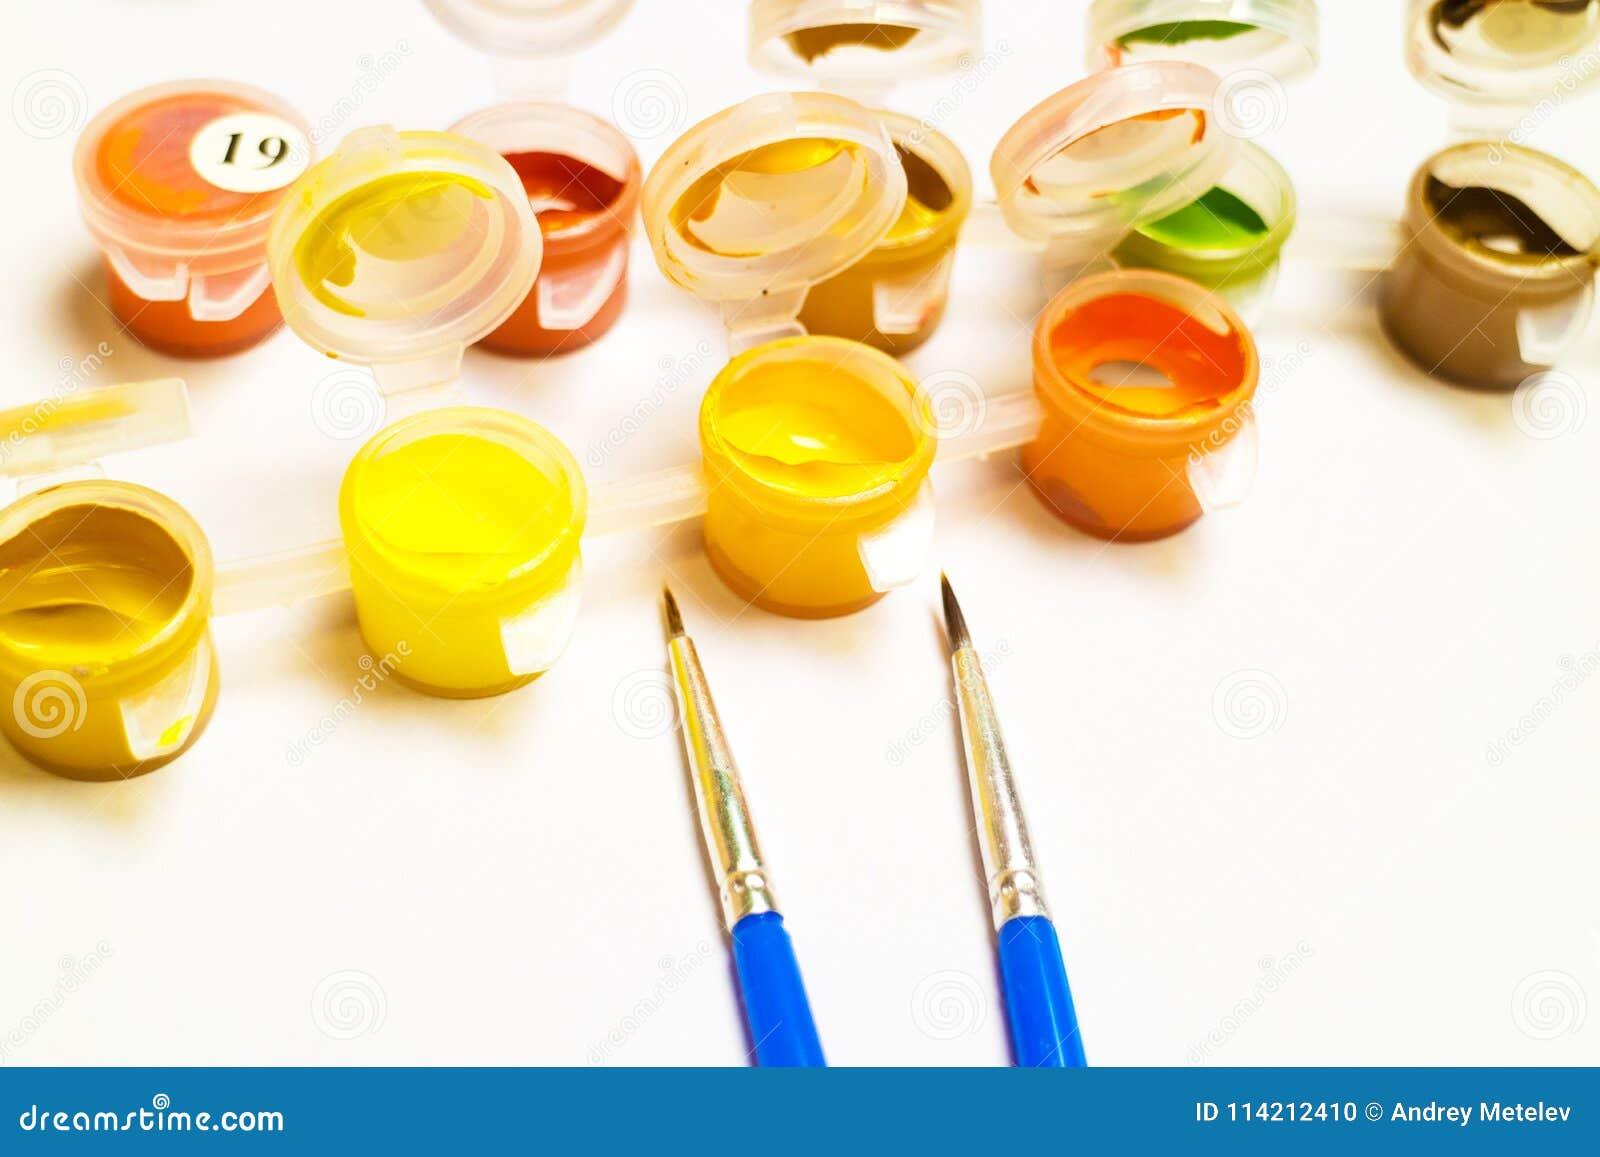 Duas escovas de pintura azuis para a pintura em um fundo branco ao lado deles recipientes com guache da pintura